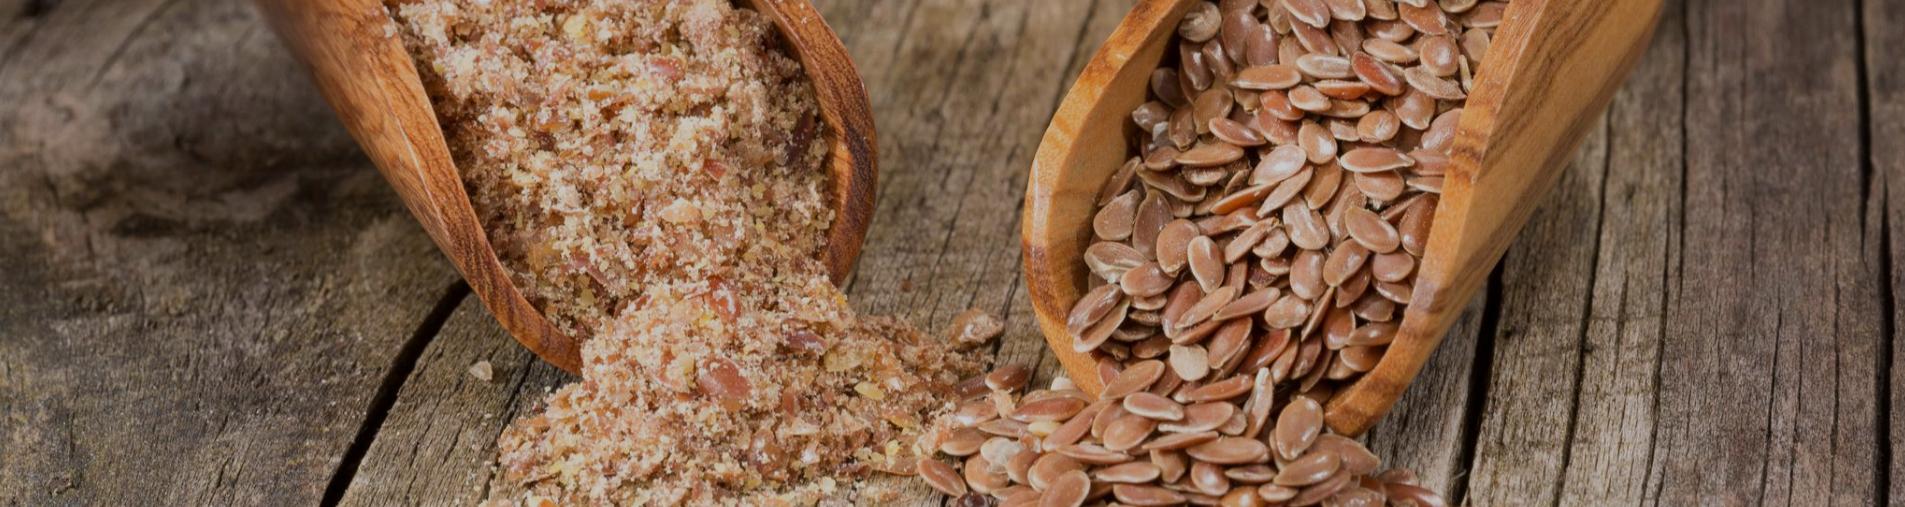 les atouts de la poudre de graine de lin débactérisée Natural Origins